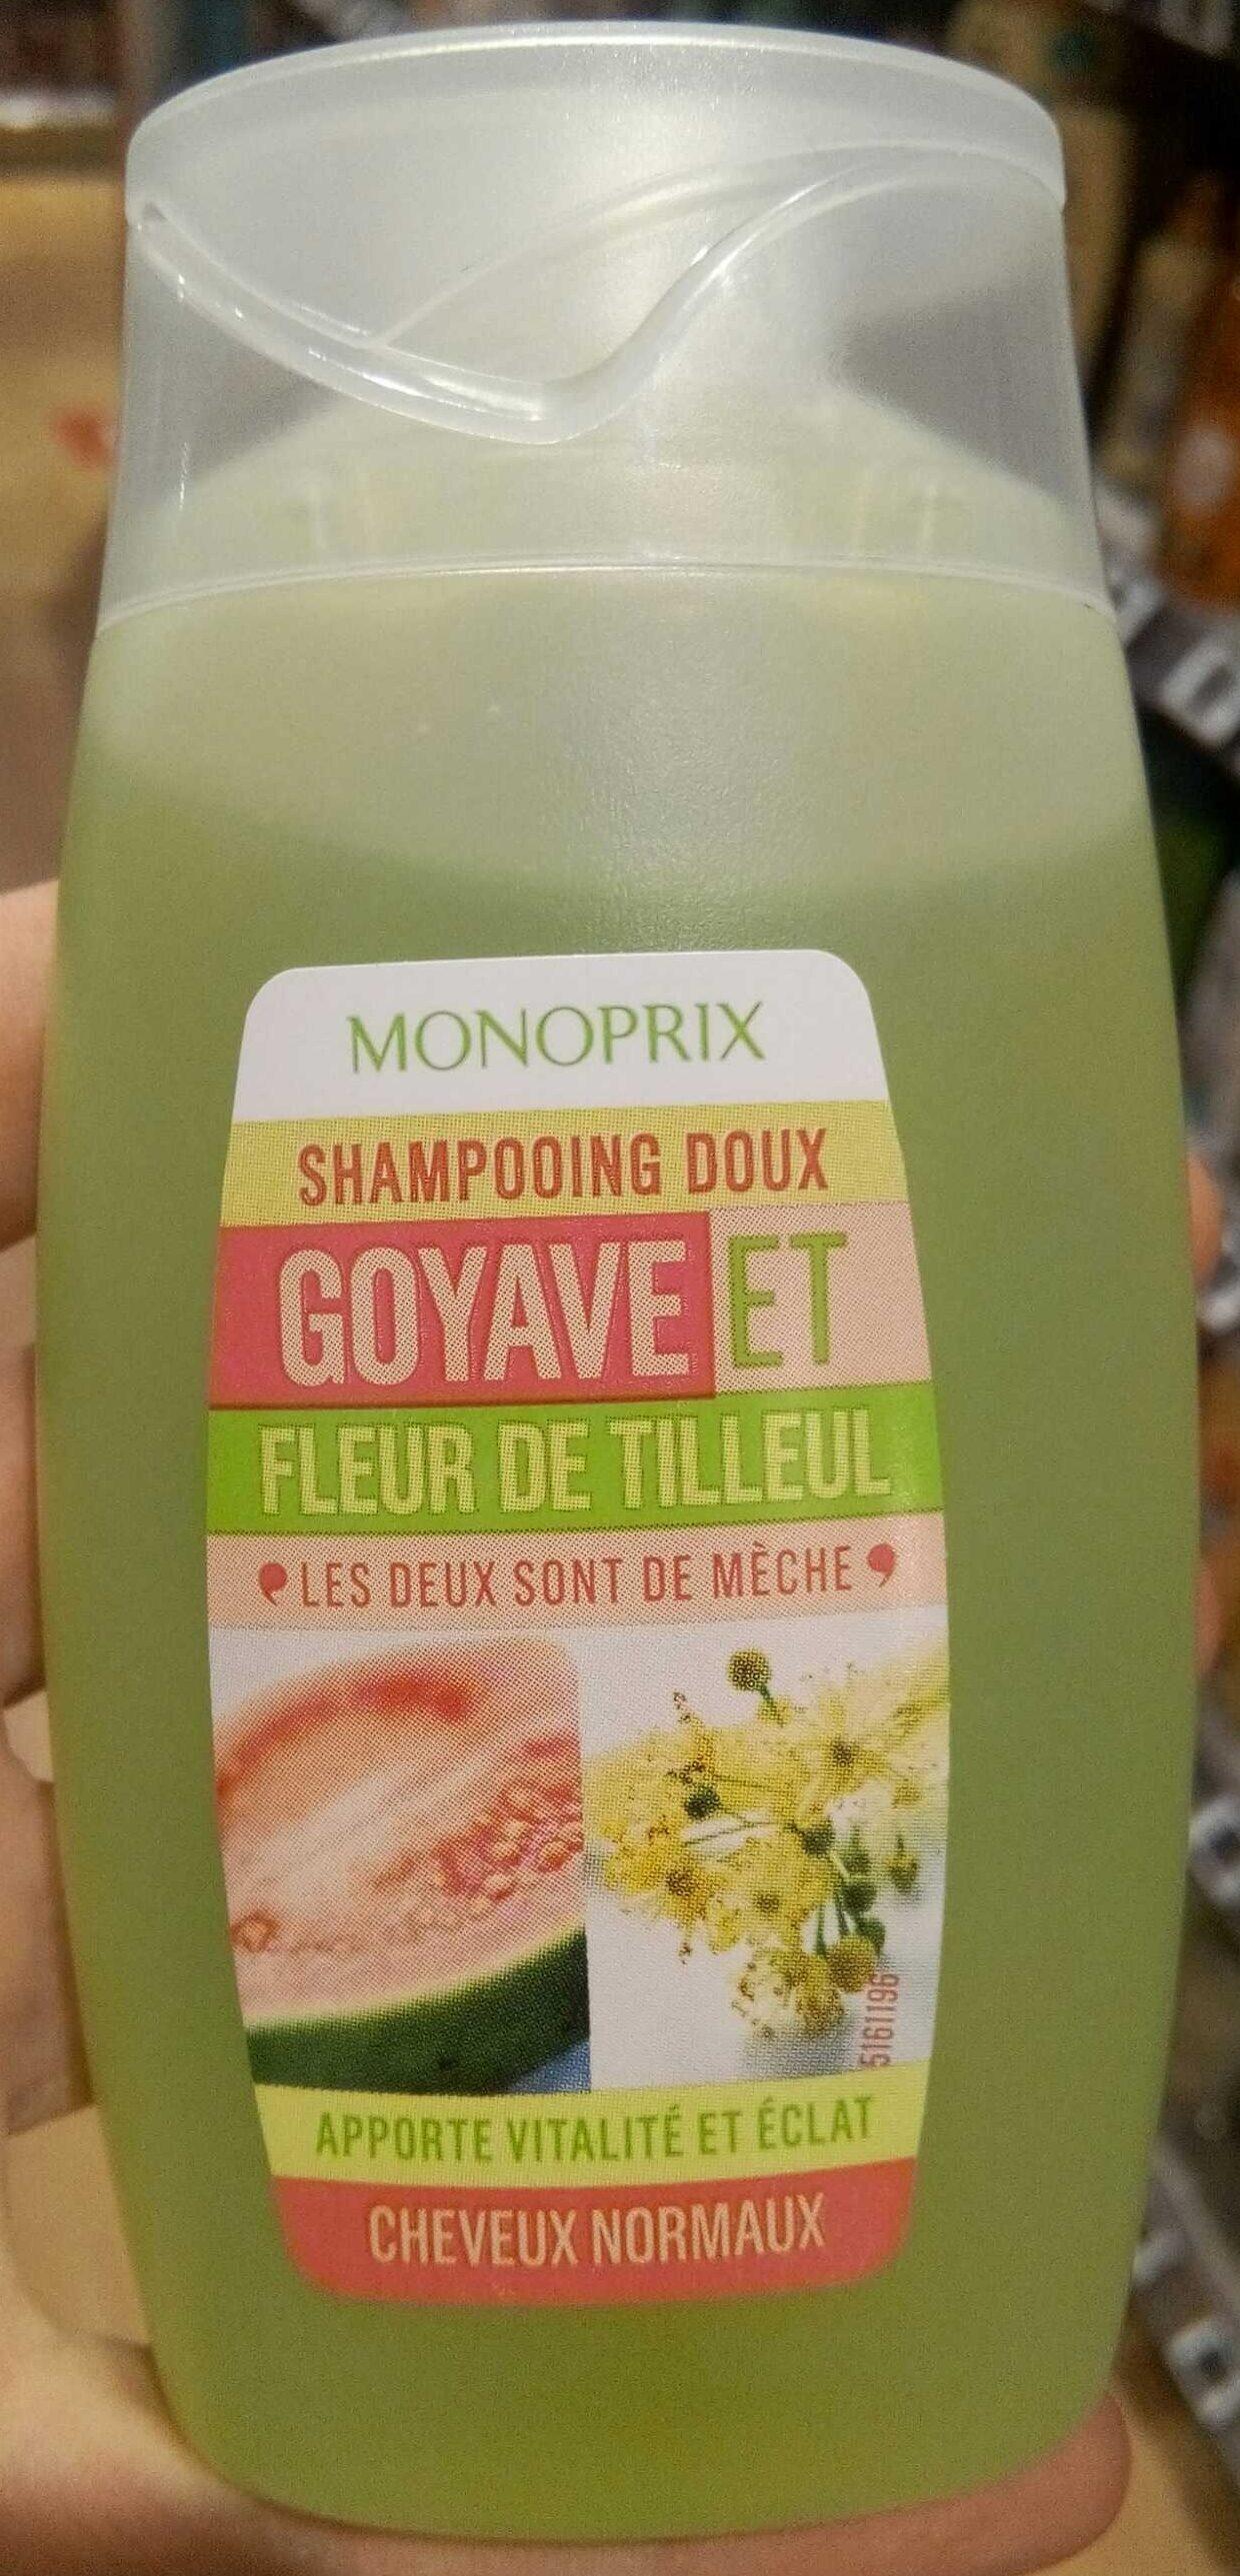 Shampooing doux goyave fleur de tilleul - Produit